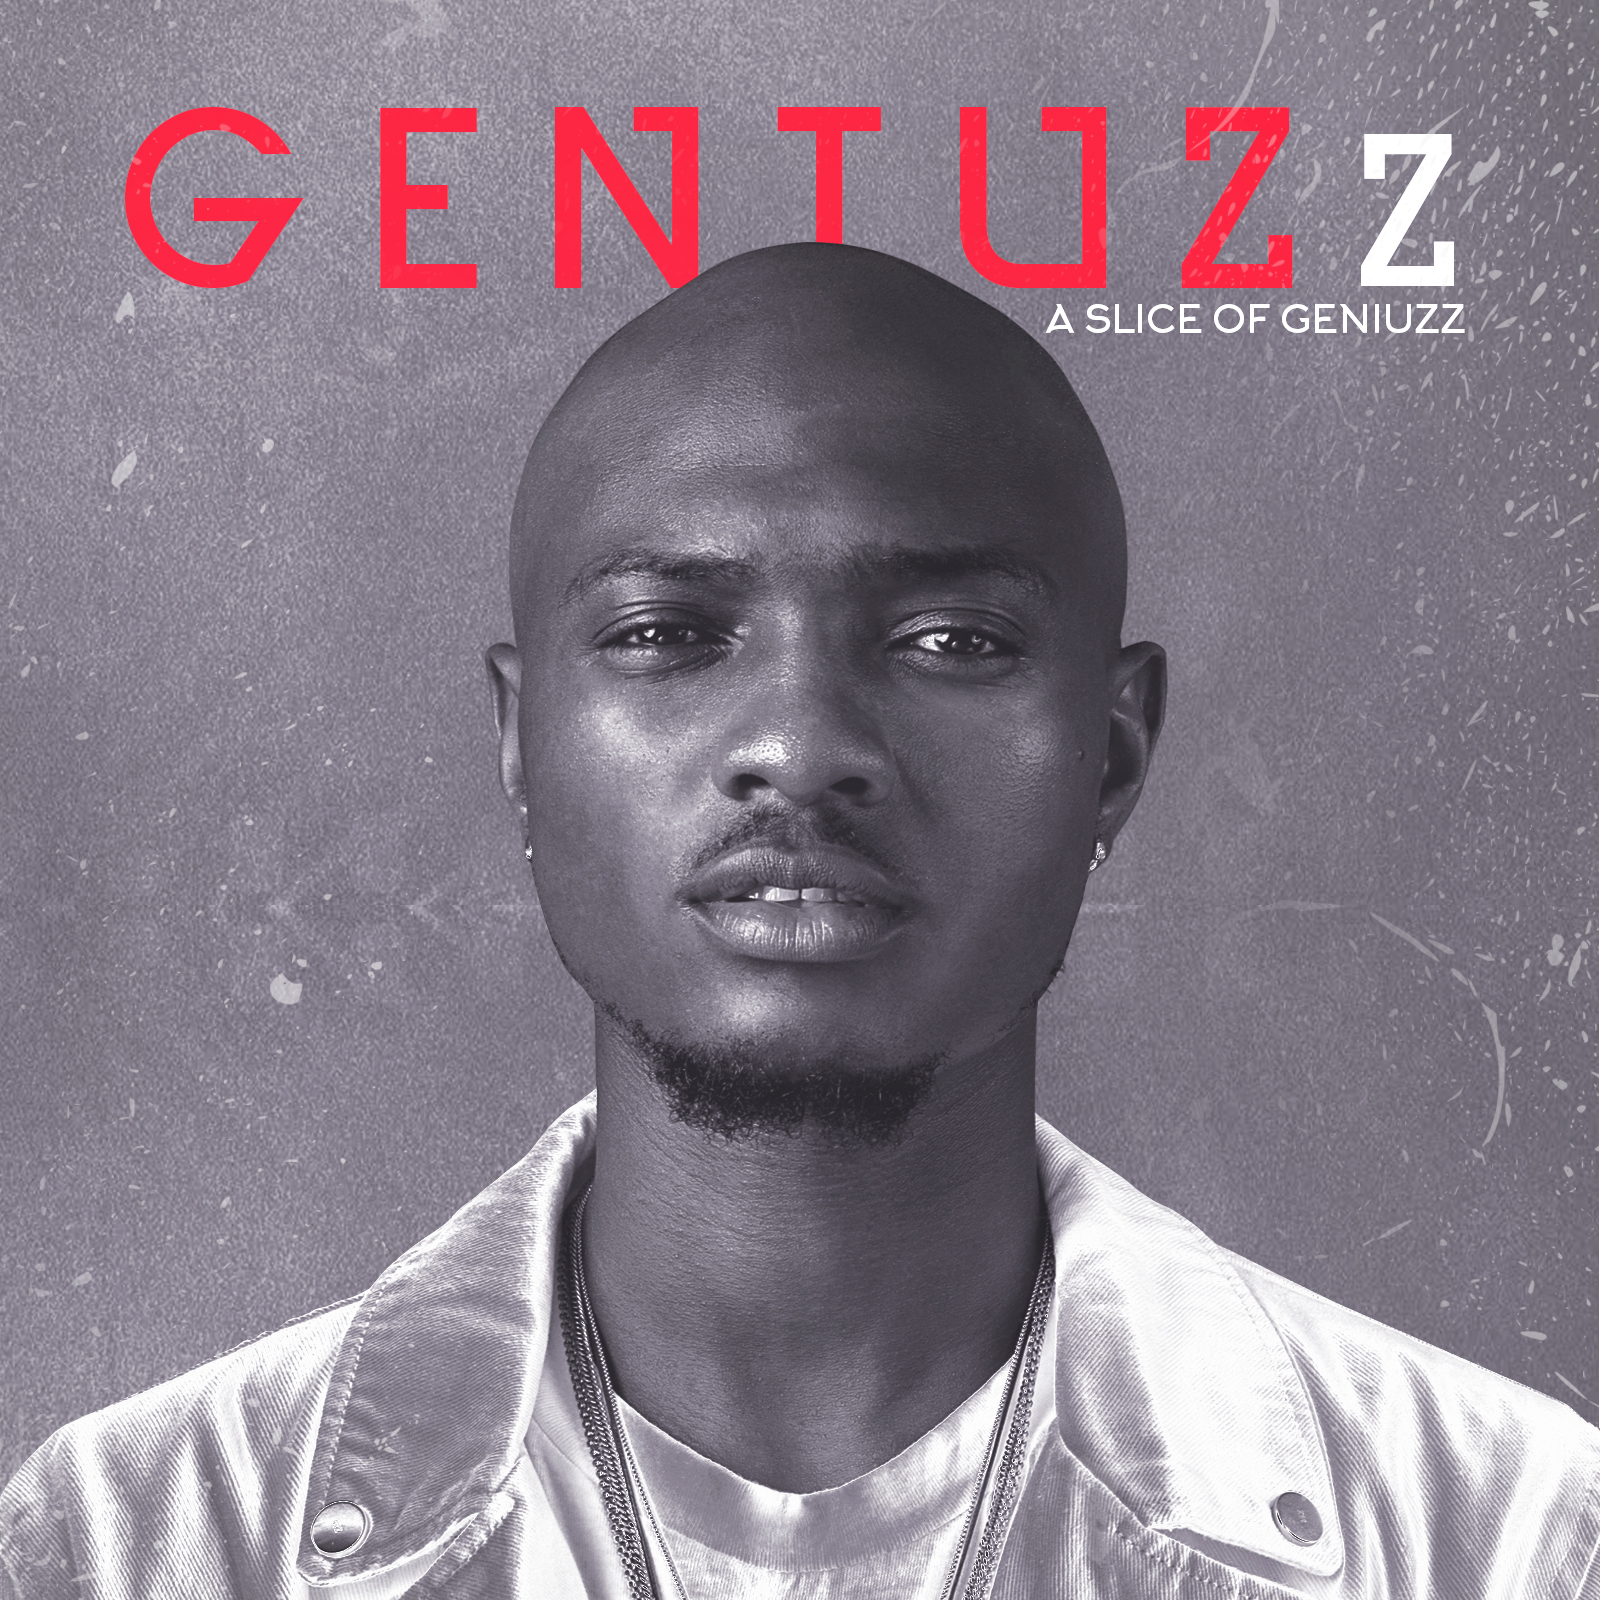 """[TRACKLIST]: GENIUZZ - """"A SLICE OF GENIUZZ"""""""